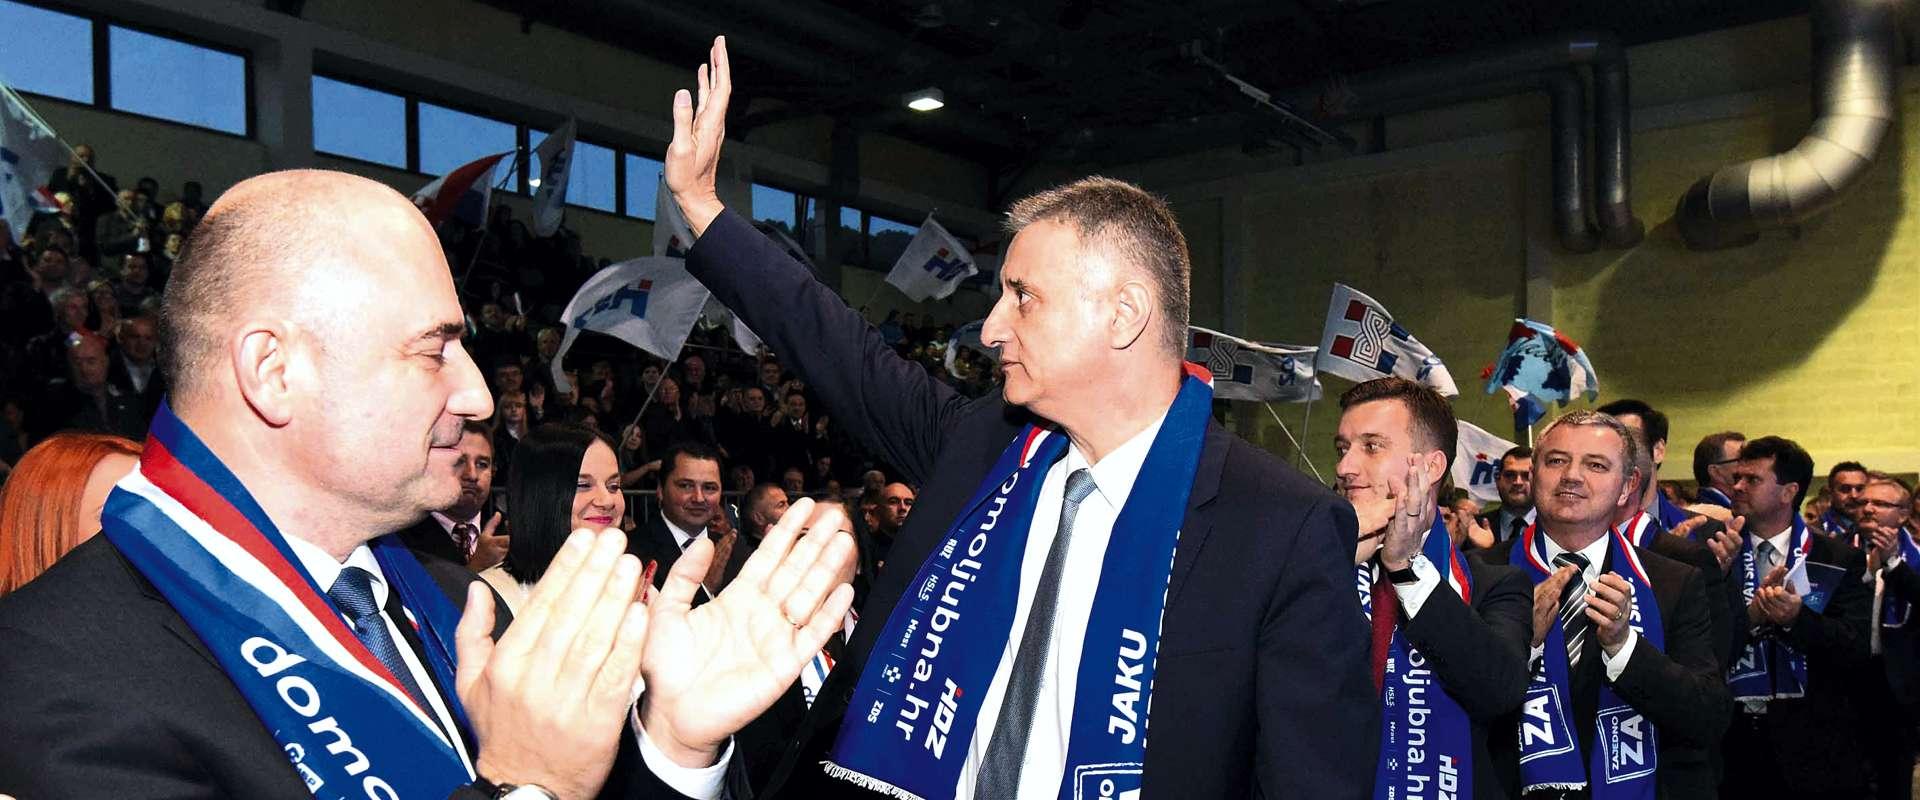 Počinju spletke uoči stranačkih izbora u HDZ-u